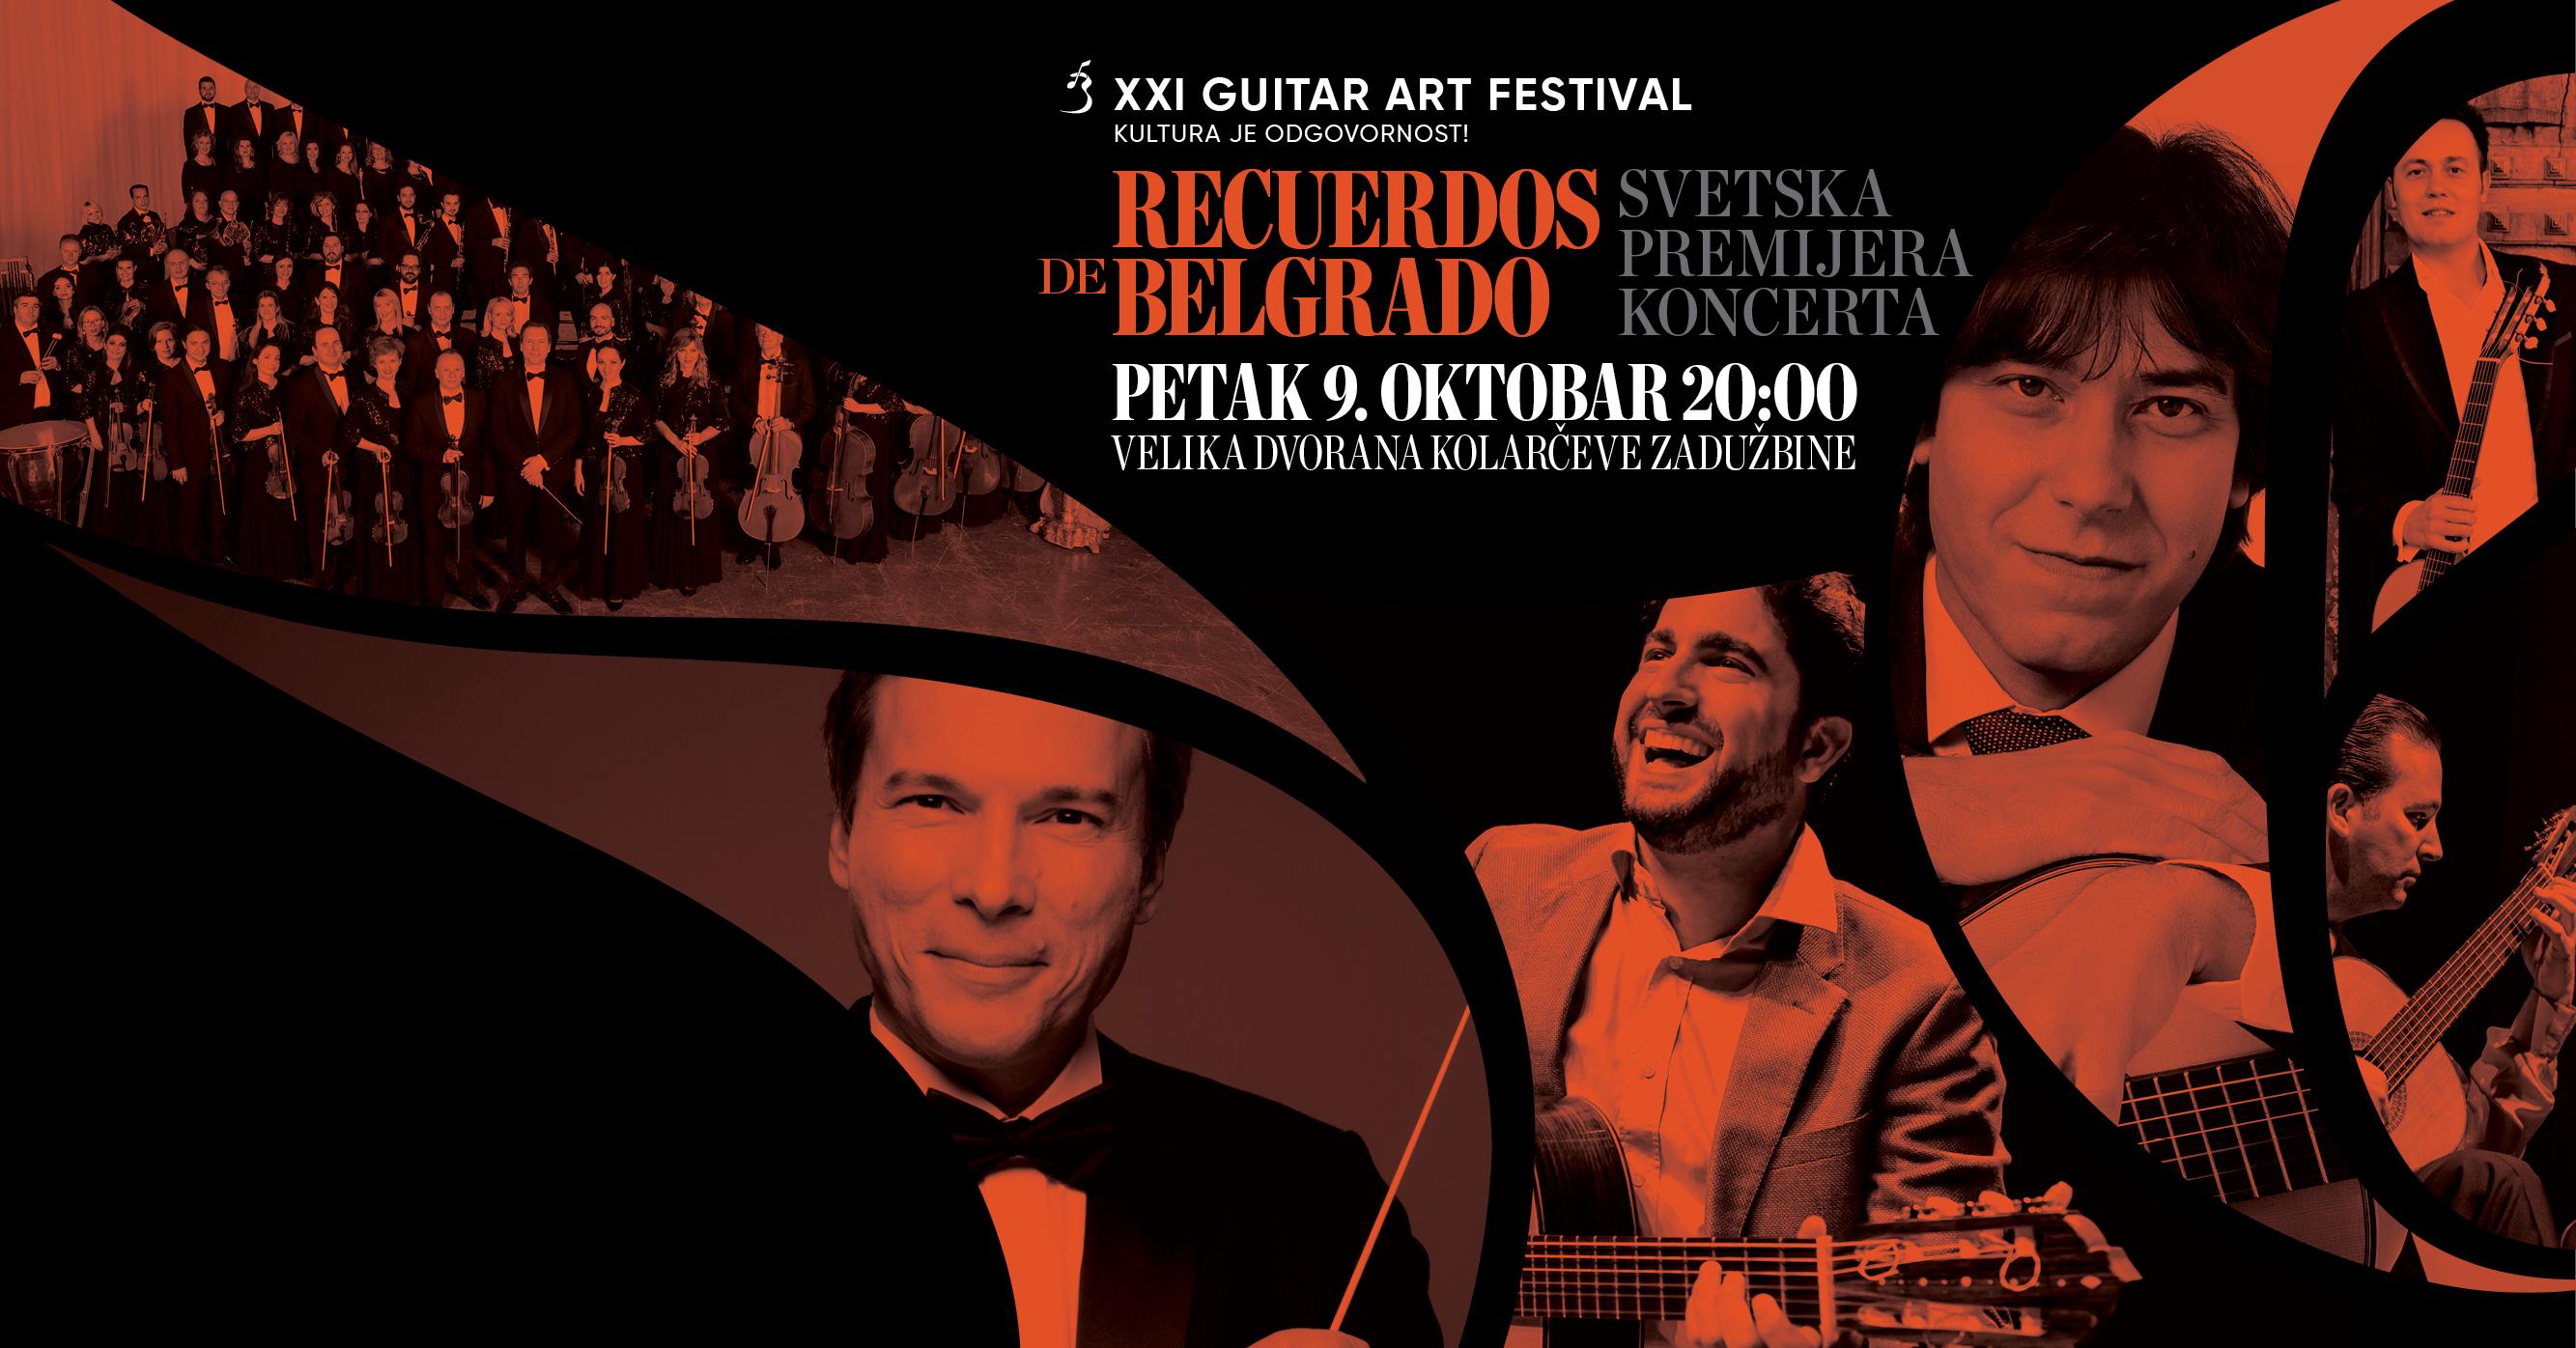 """Премијера концерта """"Recuerdos de Belgrado"""" померена за XXII издање Guitar Art Festivala у марту 2021. године"""